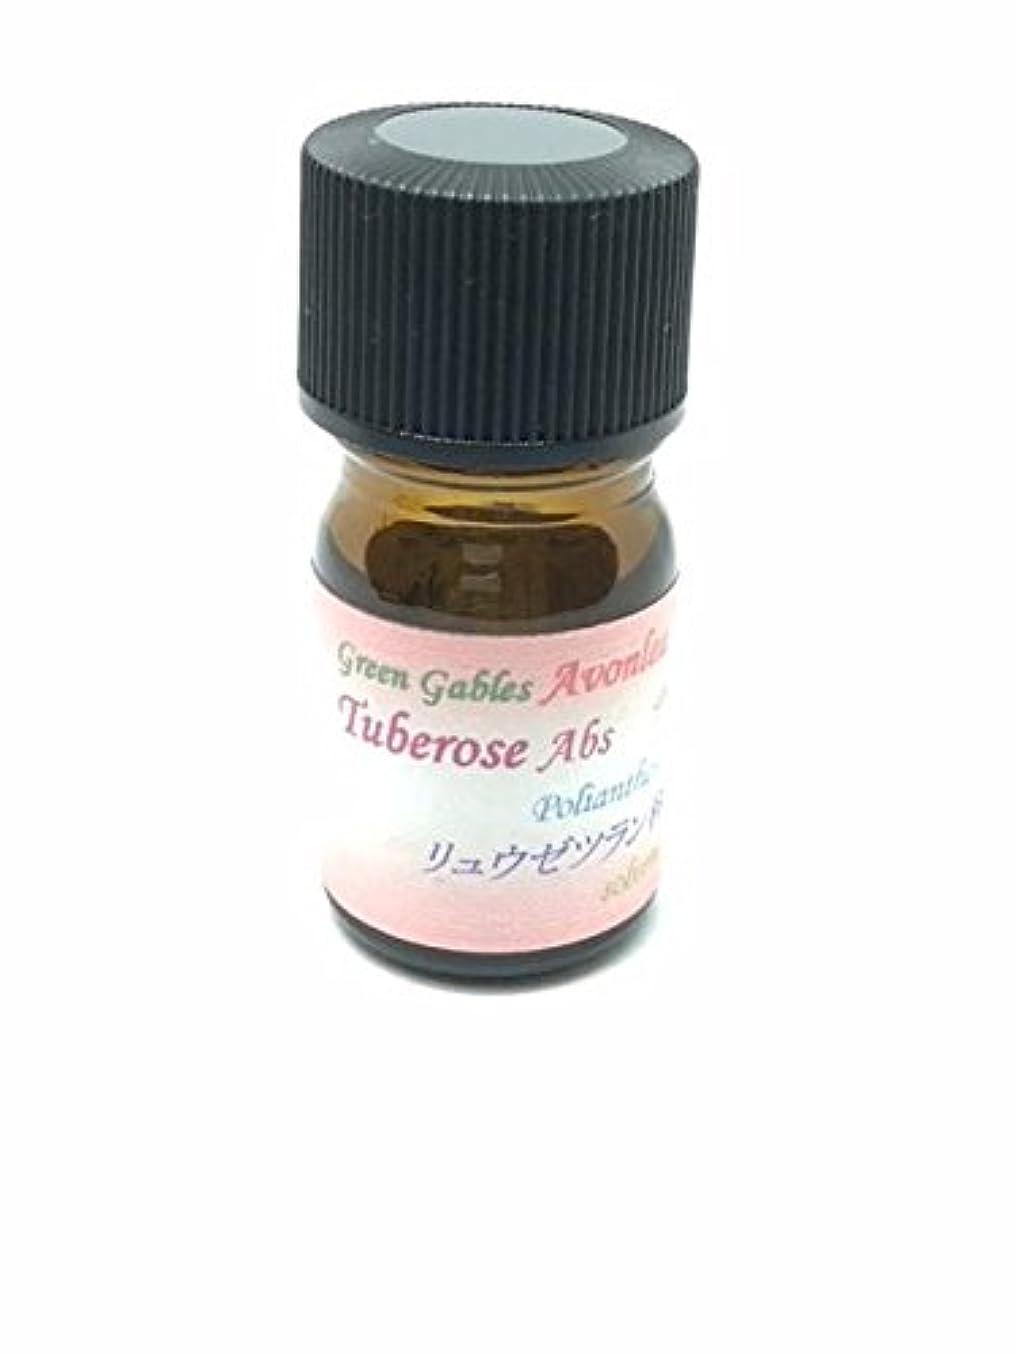 ハッチページ有罪月下香精油 ピュアエッセンシャルオイル チュベローズアブソリュード Tuberose (5ml)